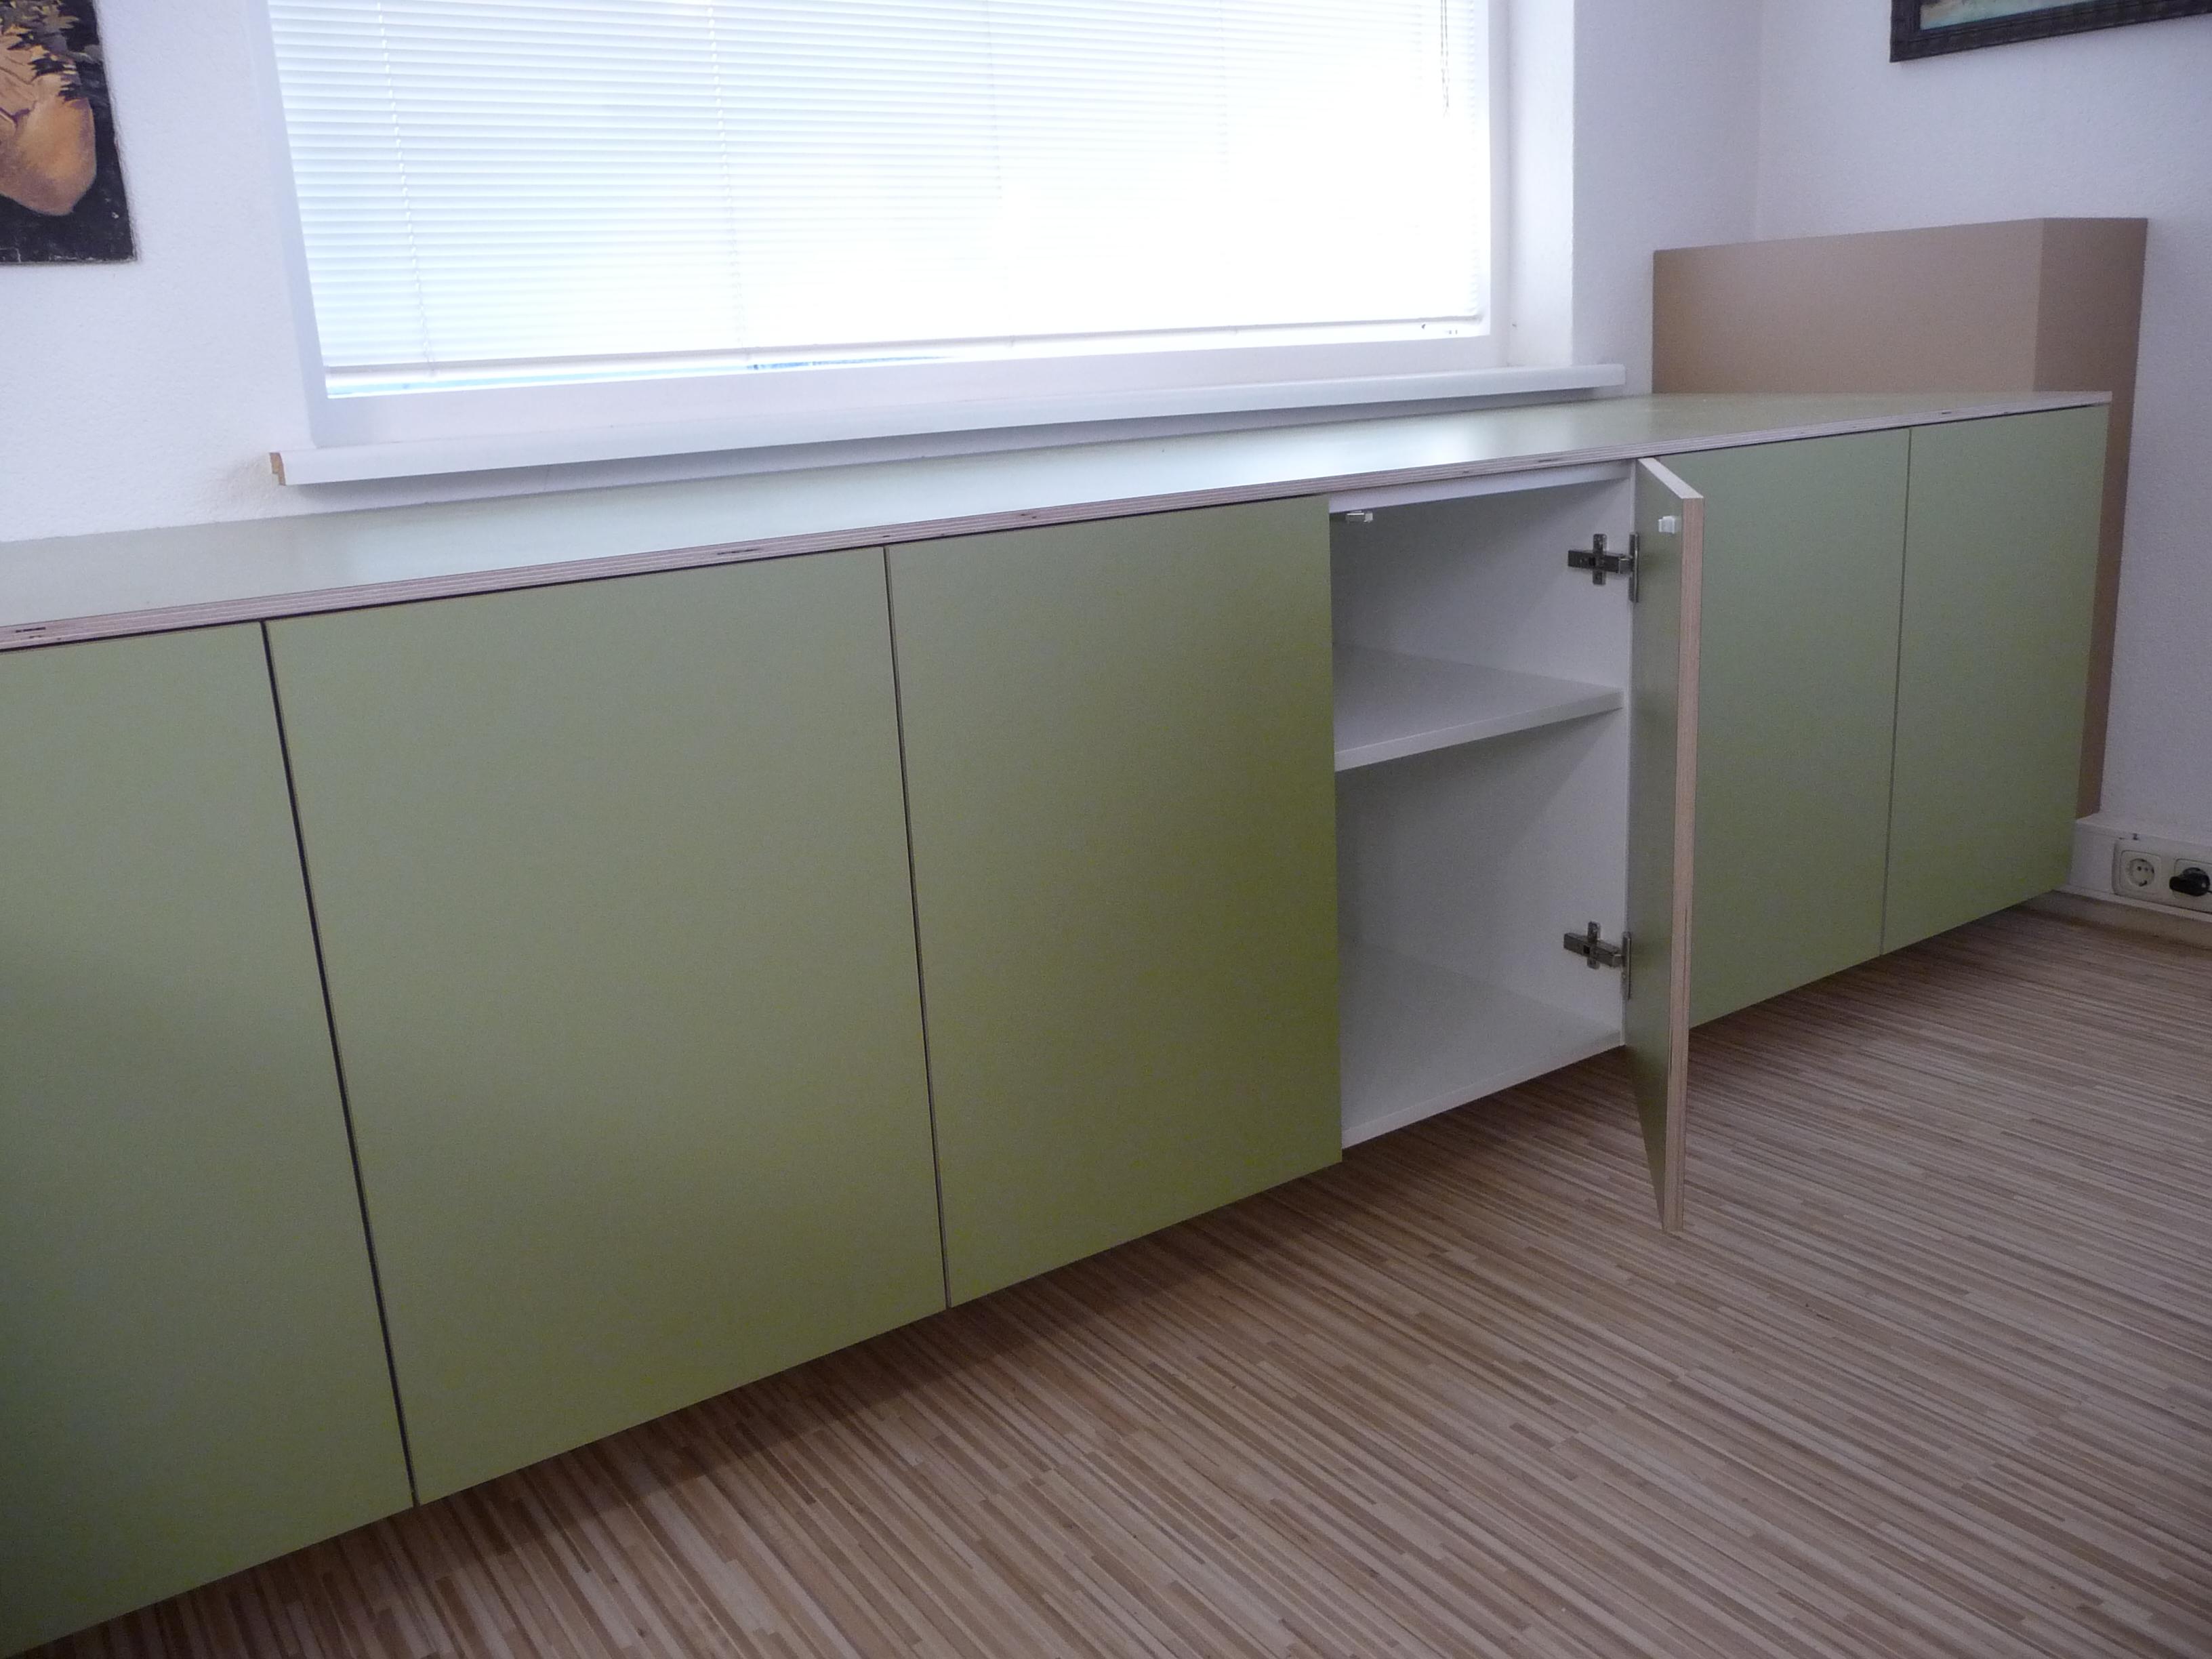 Werkruimte Met Berkenmultiplex Kasten Beplakt Met Groen Hpl